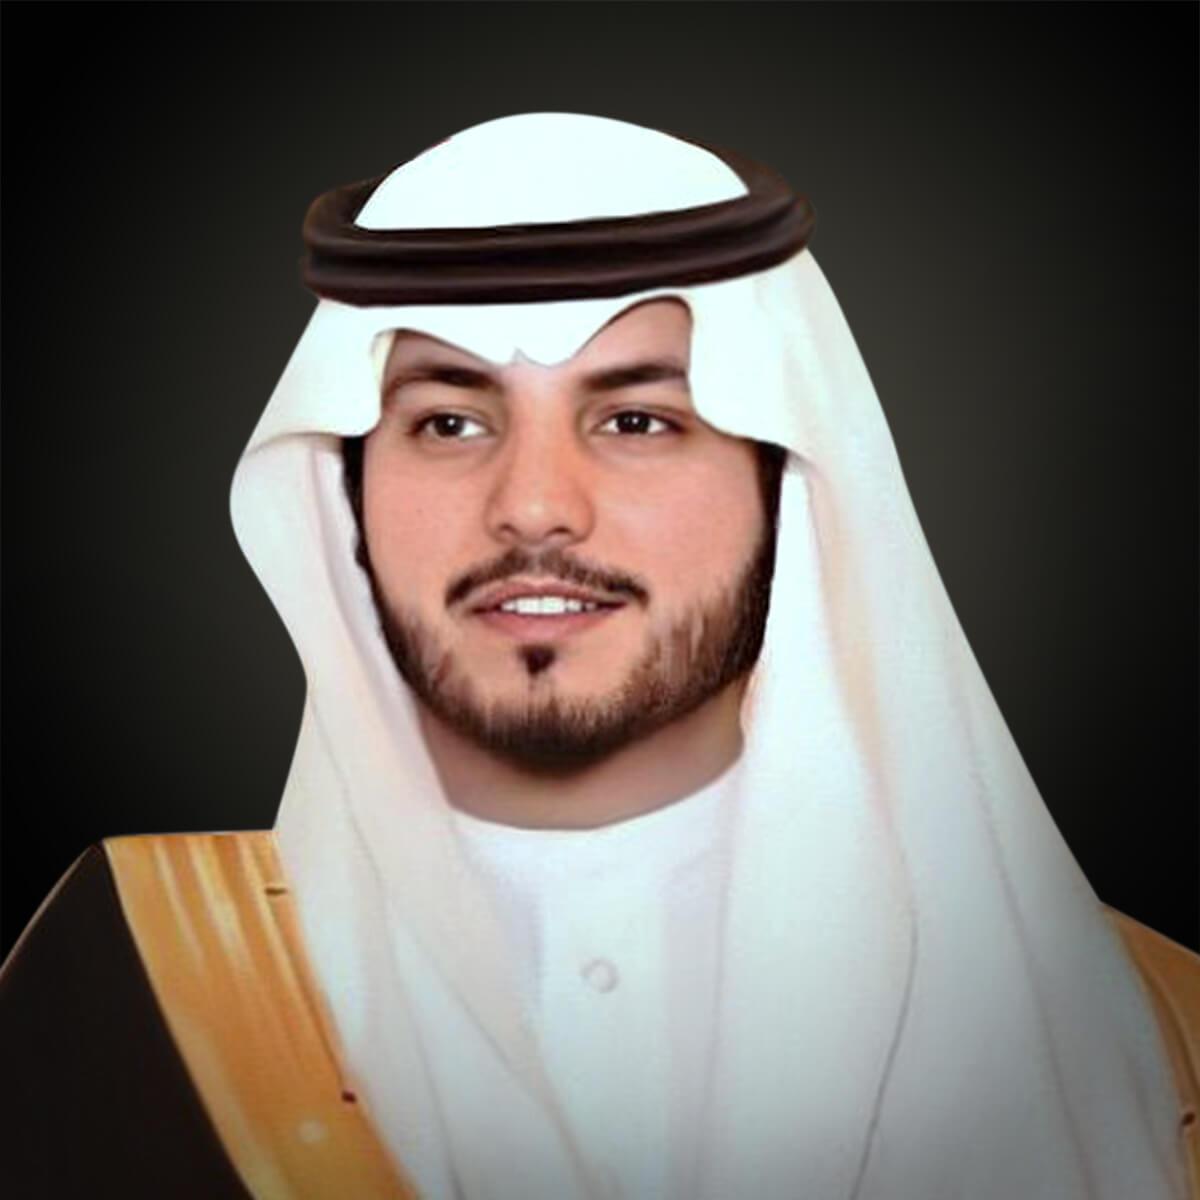 أسواق عبد الله العثيم